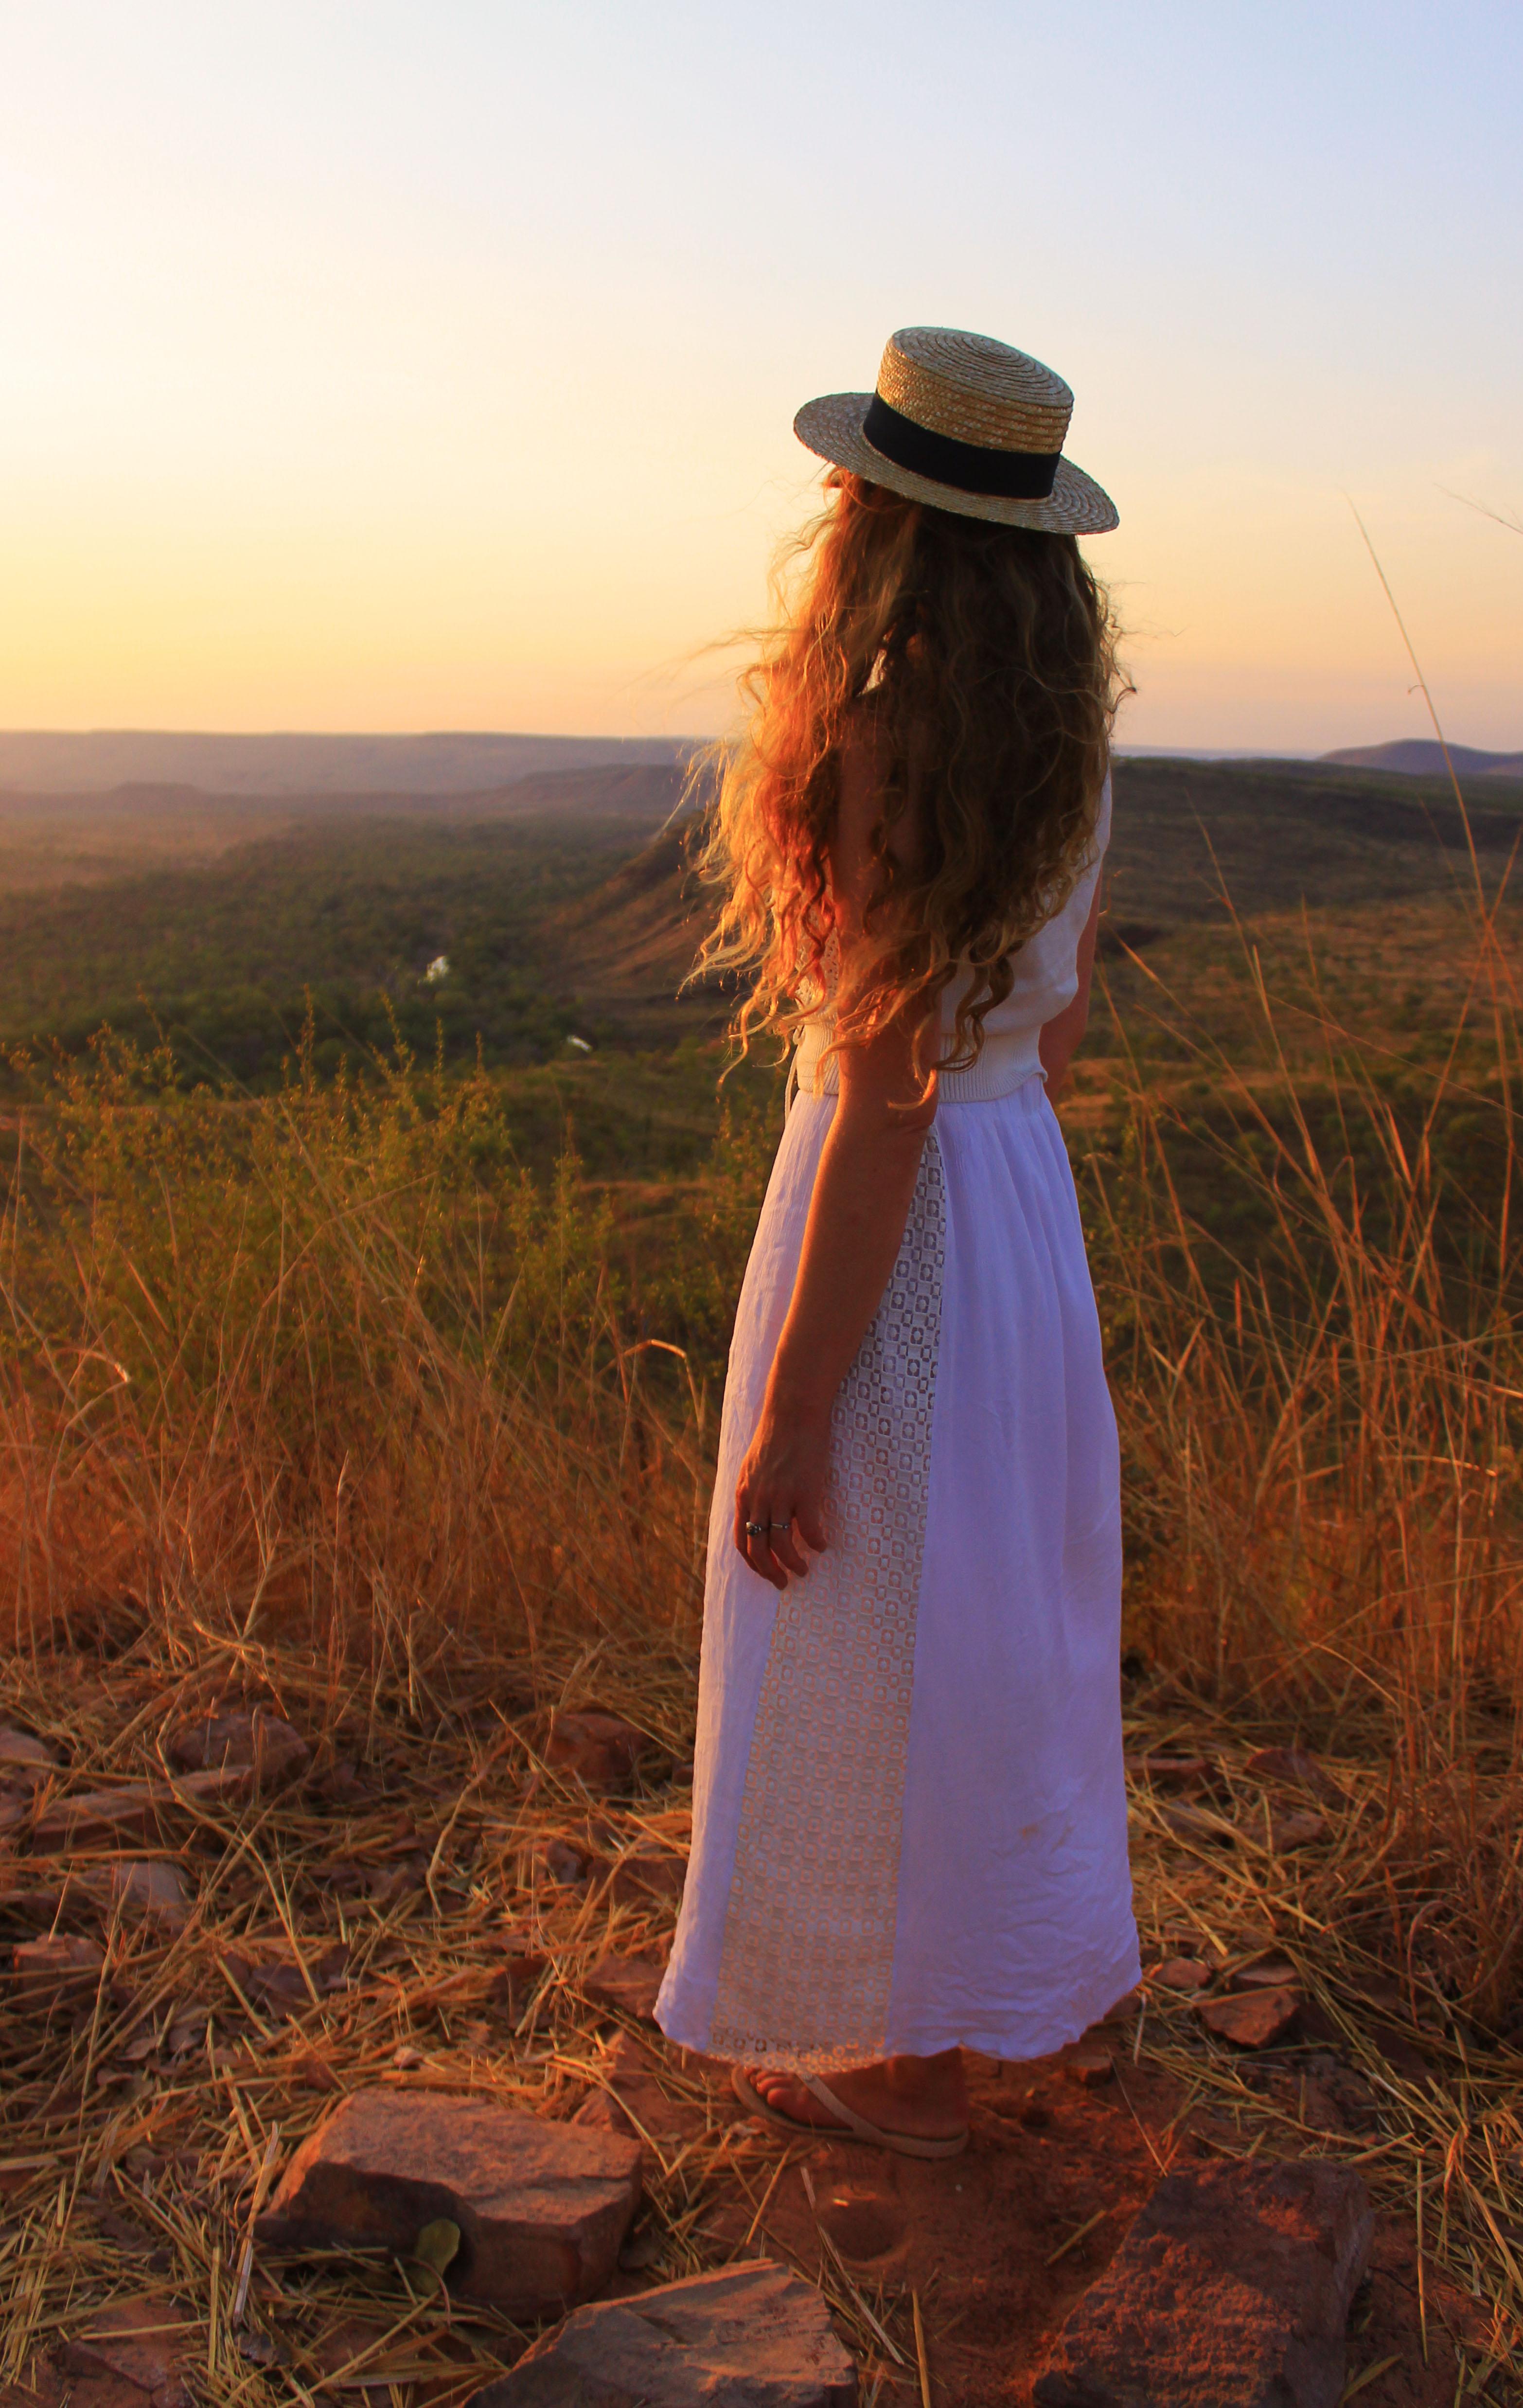 mia_und_ich_blog_reise_travel_australien_australia_elquestro_gorge